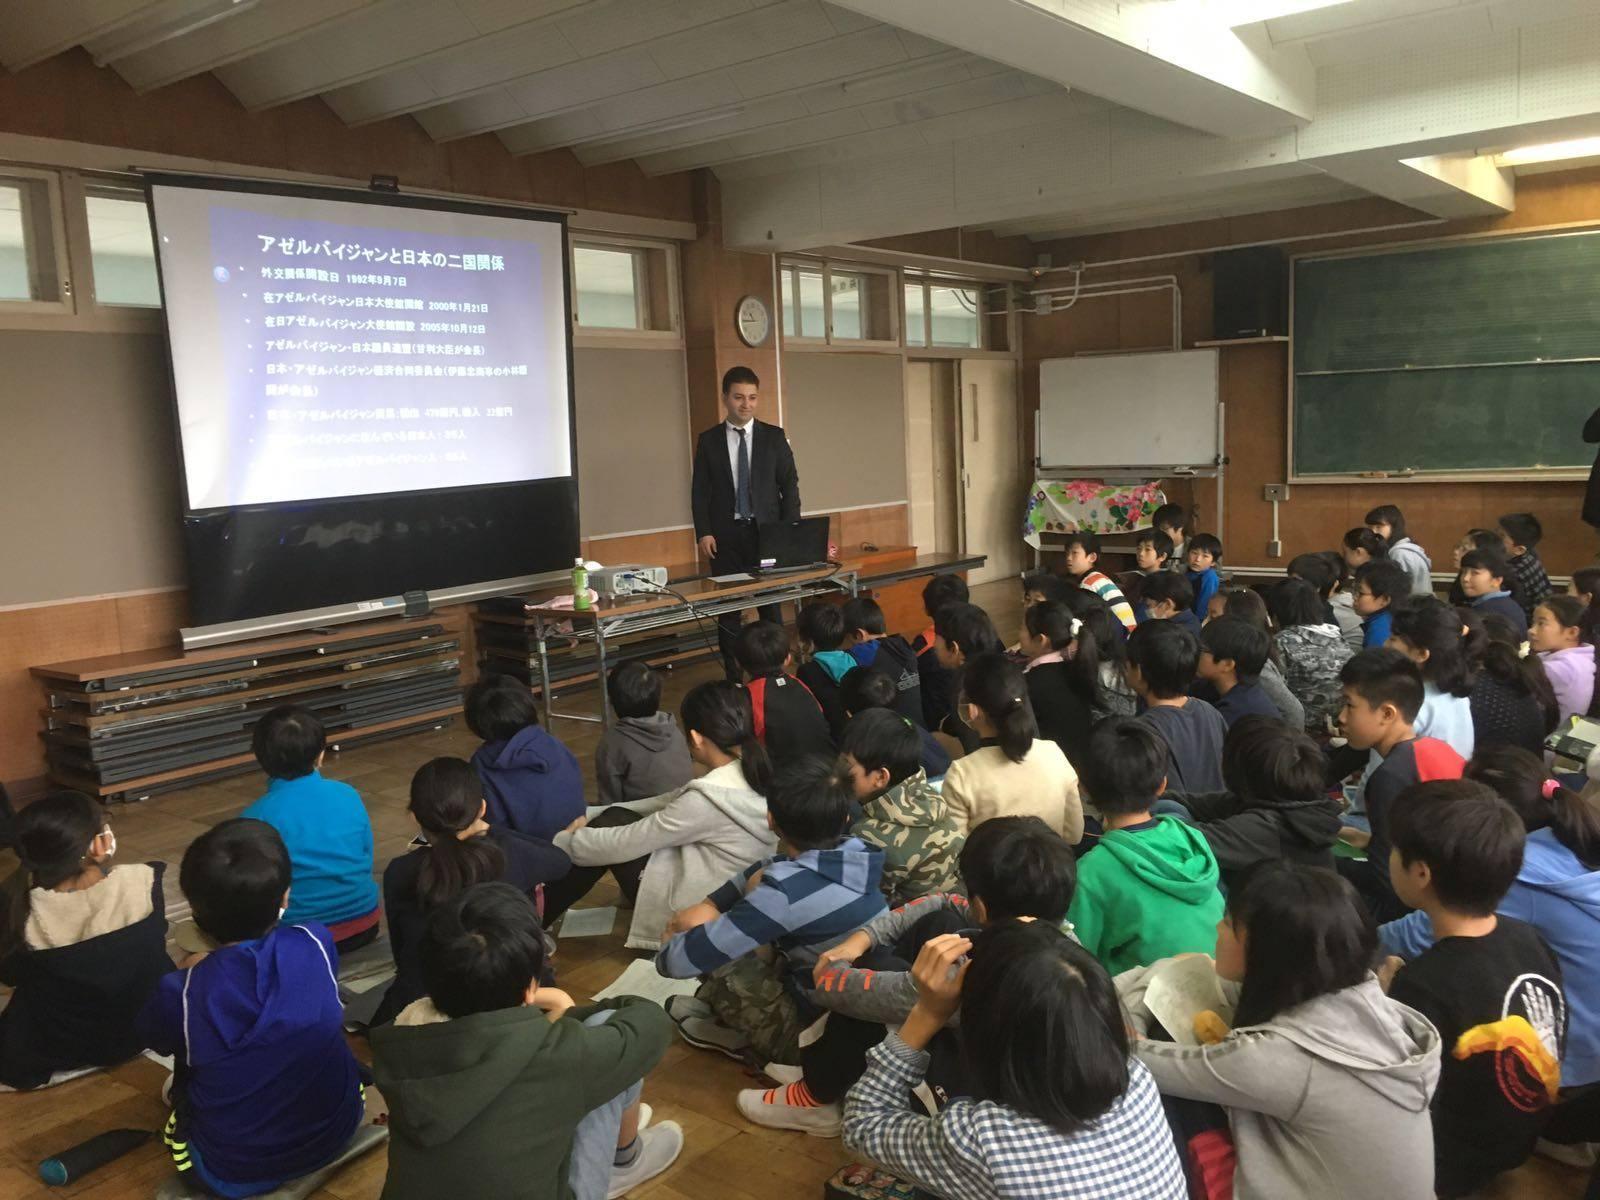 В Японии прошла презентация на тему 25 лет независимости Азербайджана